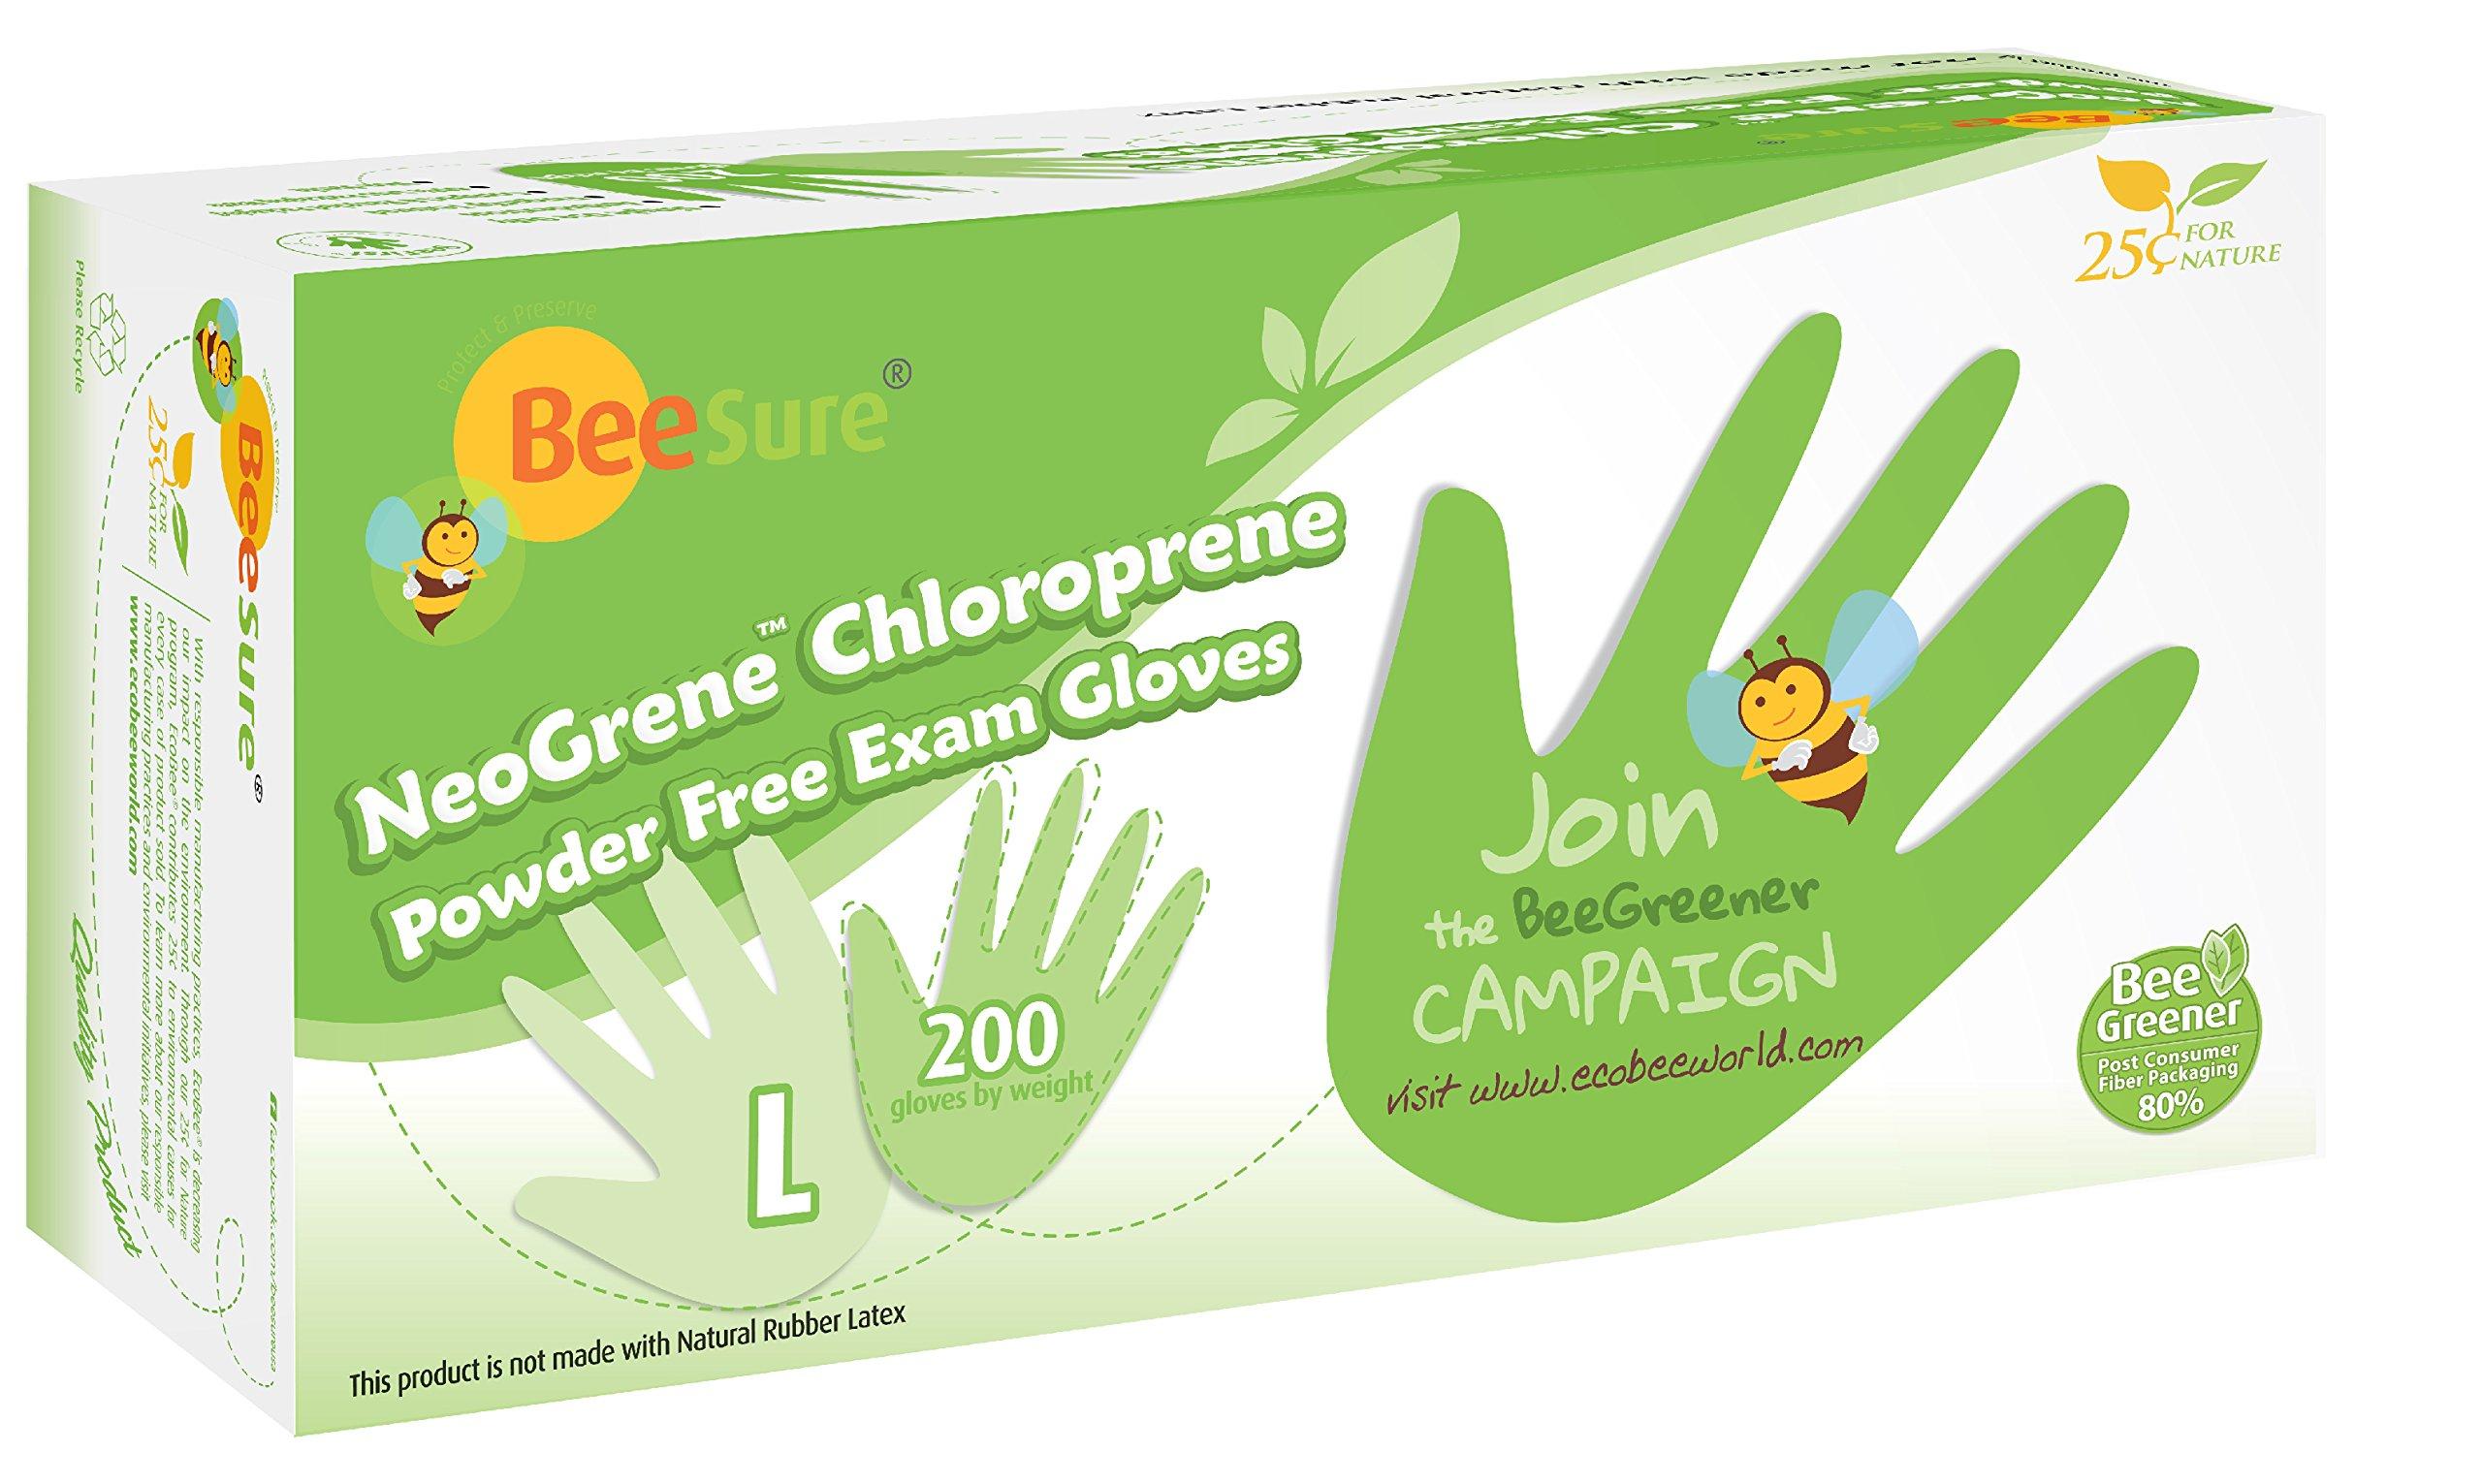 BeeSure BE1186case NeoGrene Chloroprene Powder Free Exam Gloves, Small, Lime Green (Pack of 2000)